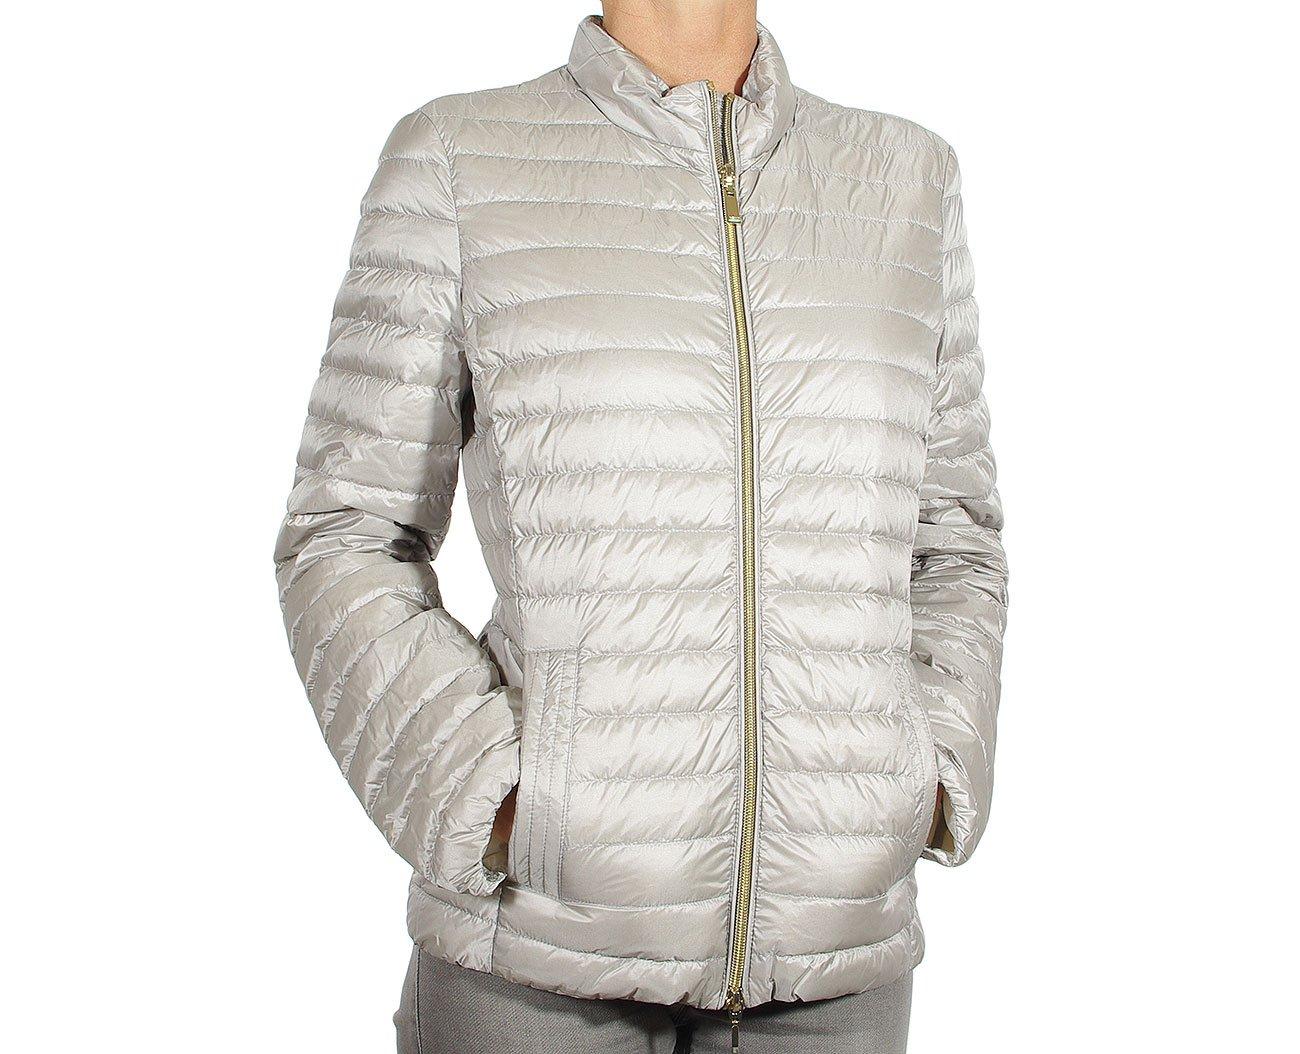 GEOX w8225b kurtka woman jacket sleet grey/blanc